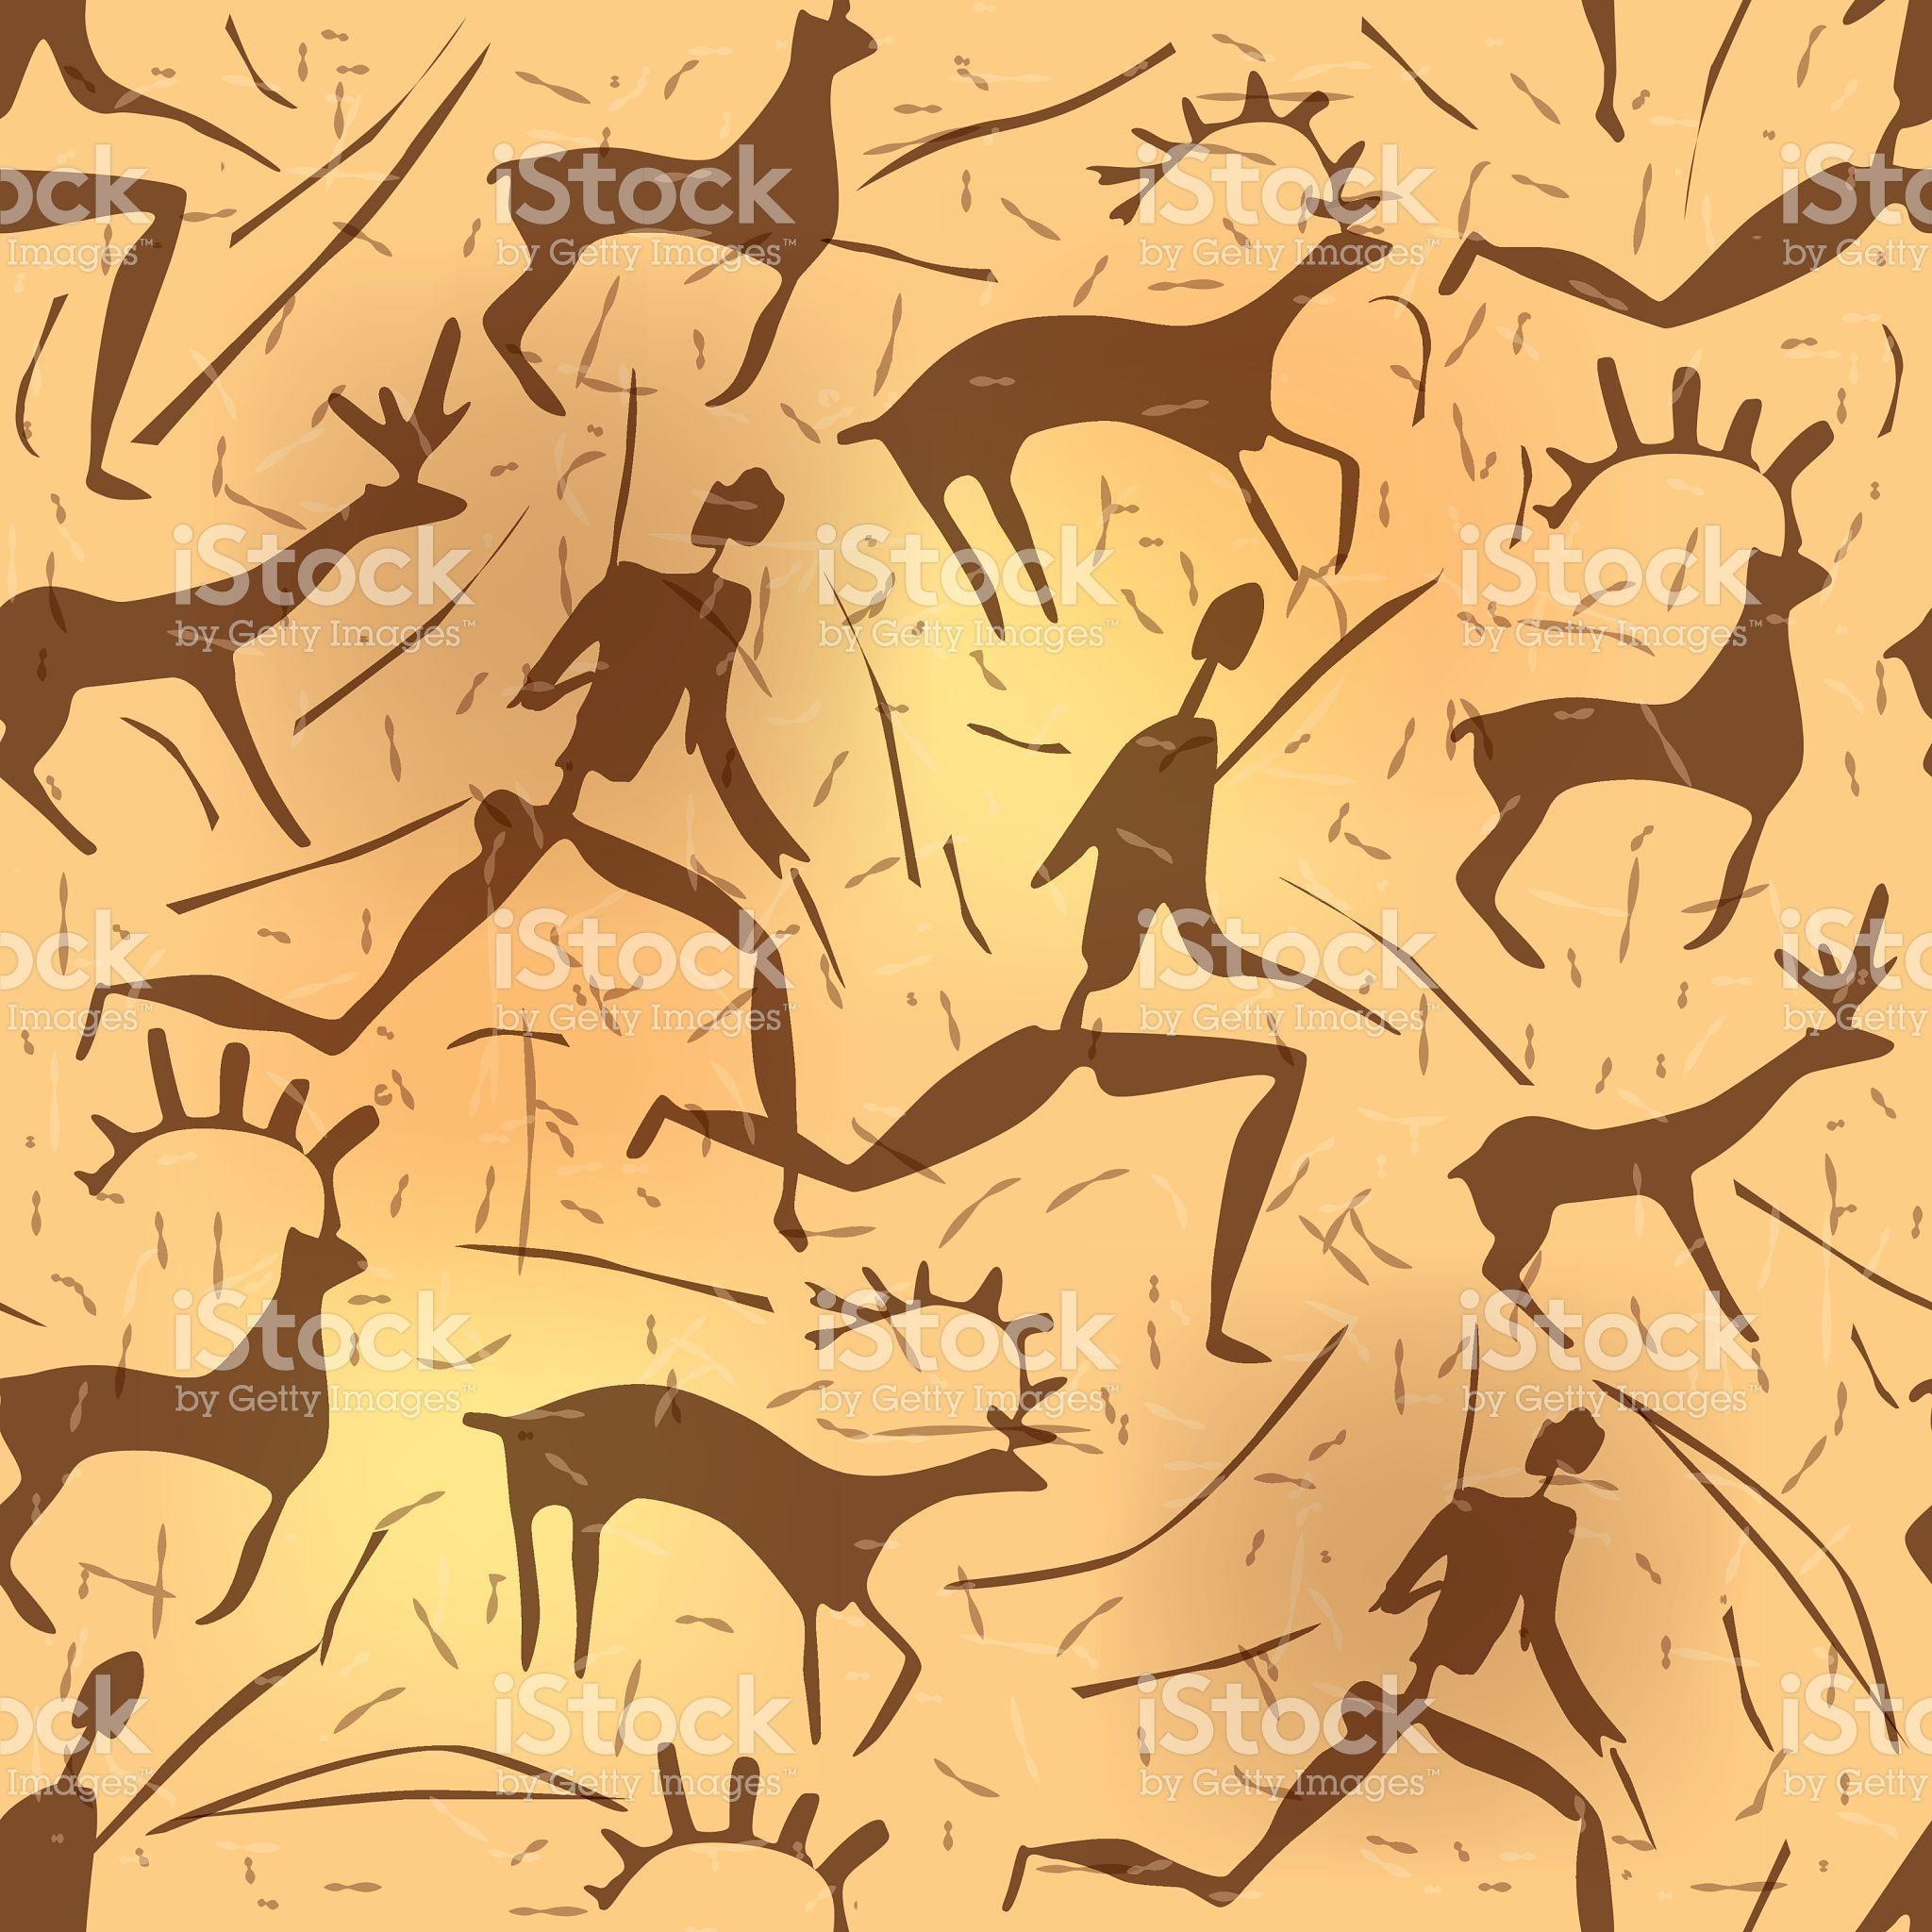 원활한 장식 중유럽식 petroglyphic 예술직 늙음 royalty-free 일러스트